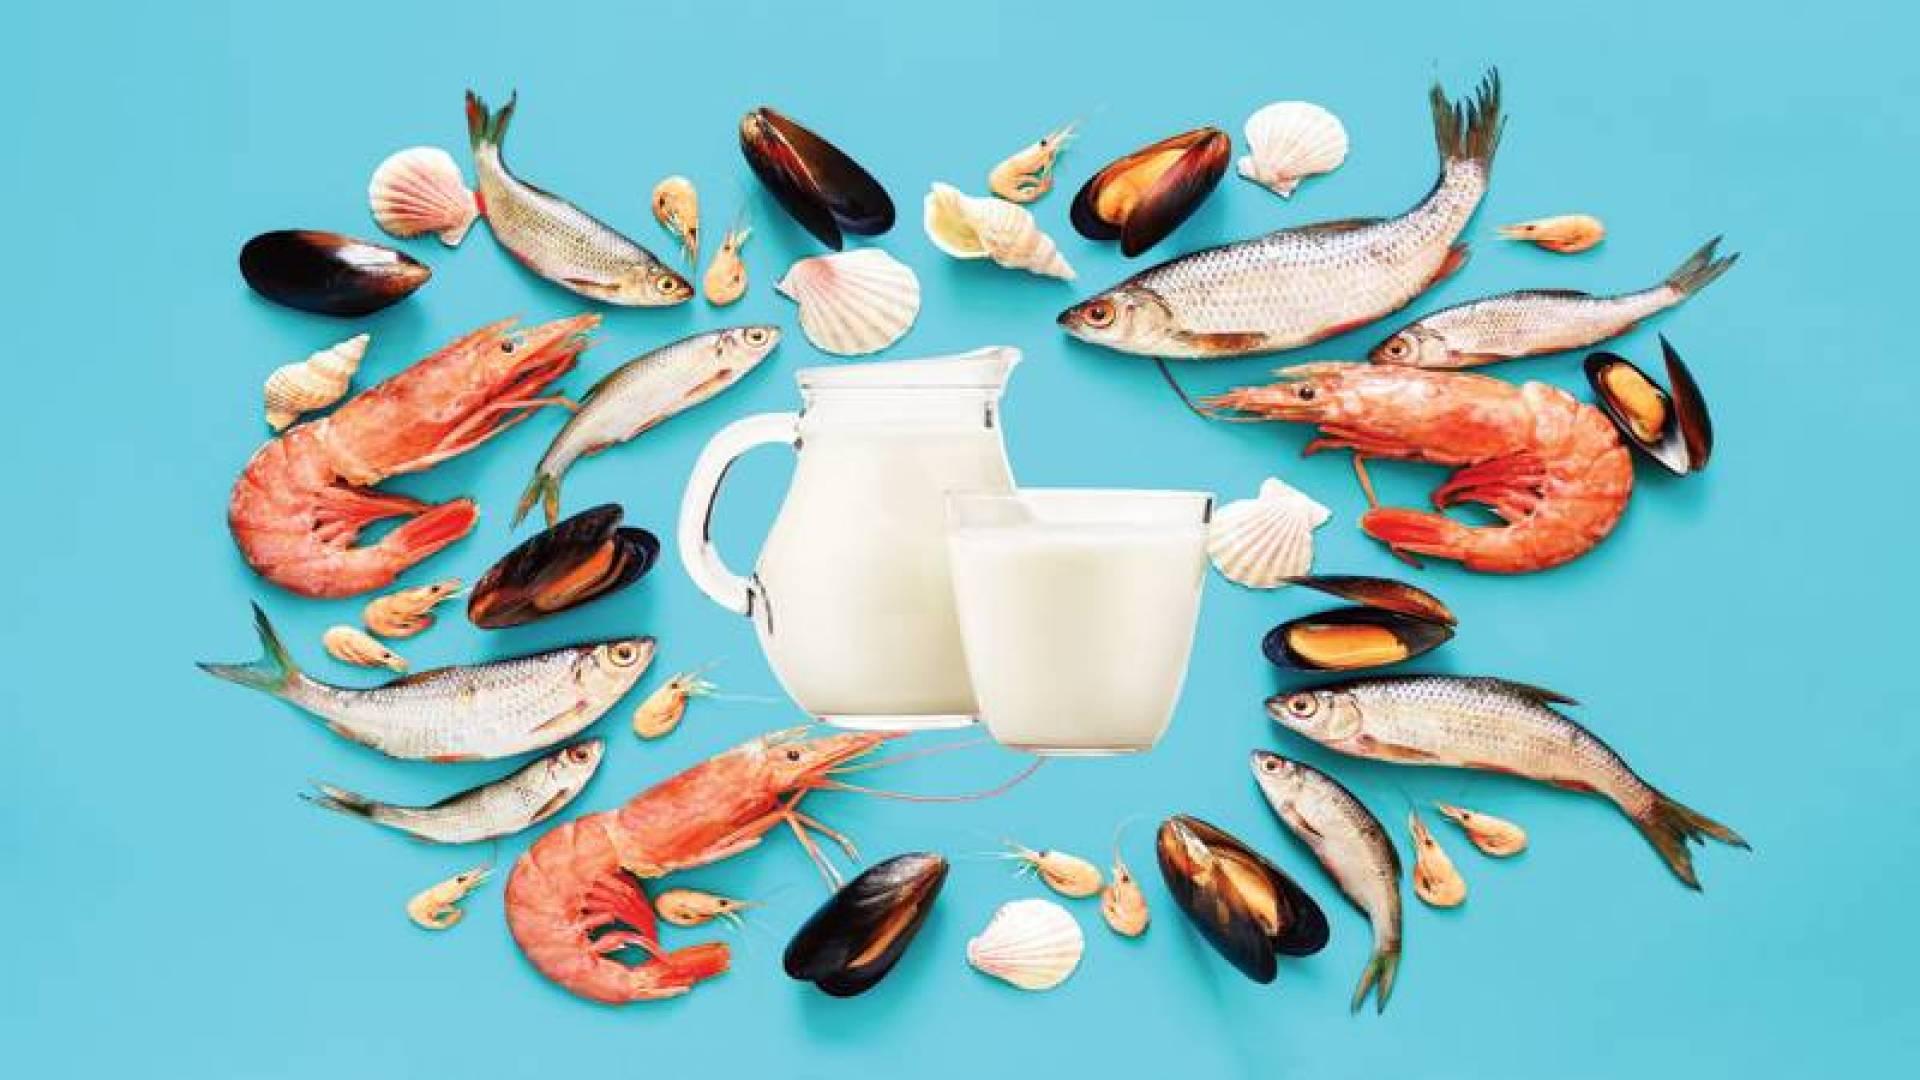 ماذا يحدث للجسم عند مقاطعة الألبان واللحوم والمأكولات البحرية؟